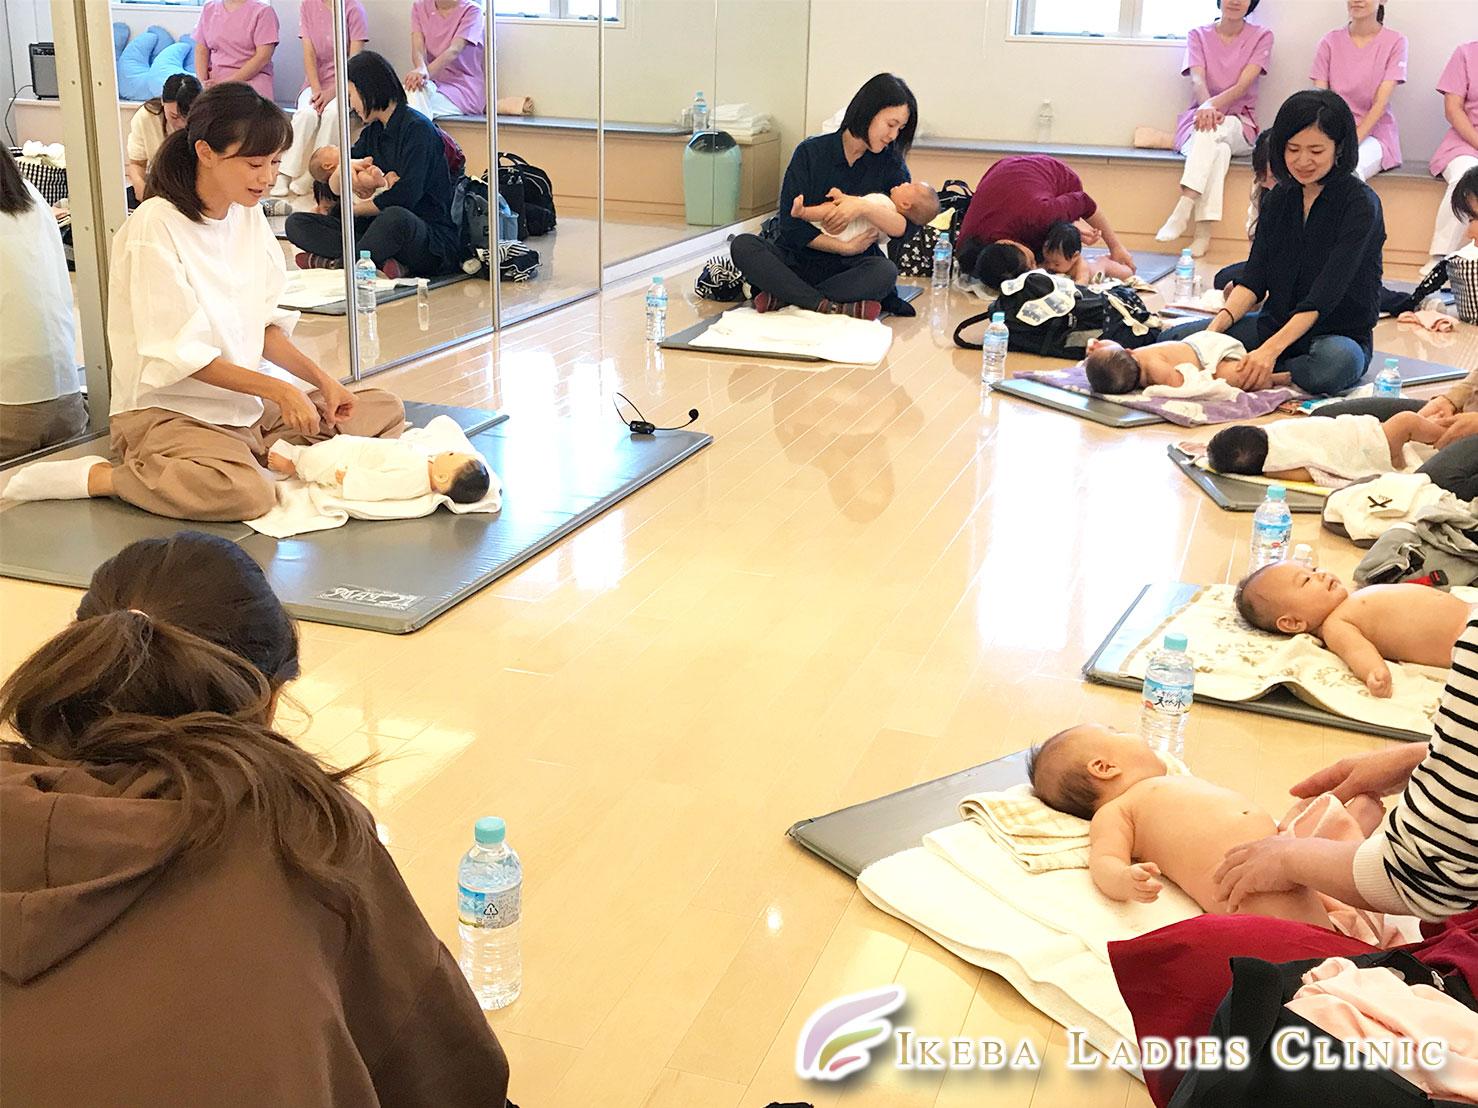 池羽レディースクリニック2019年10月24日開催:ベビーマッサージレッスン&子育て相談会